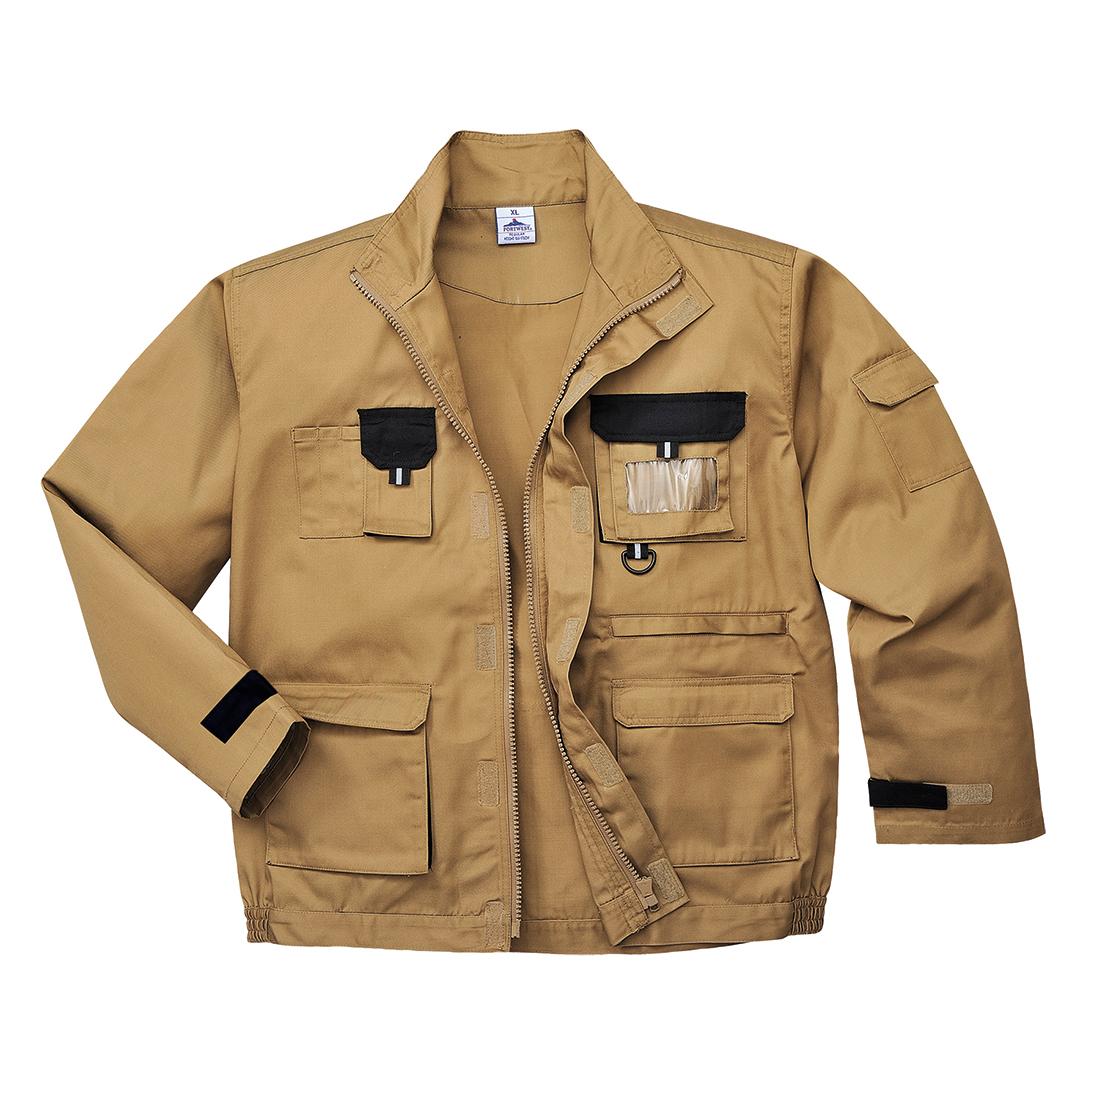 Contrast Jacket Epic Khaki XXLR